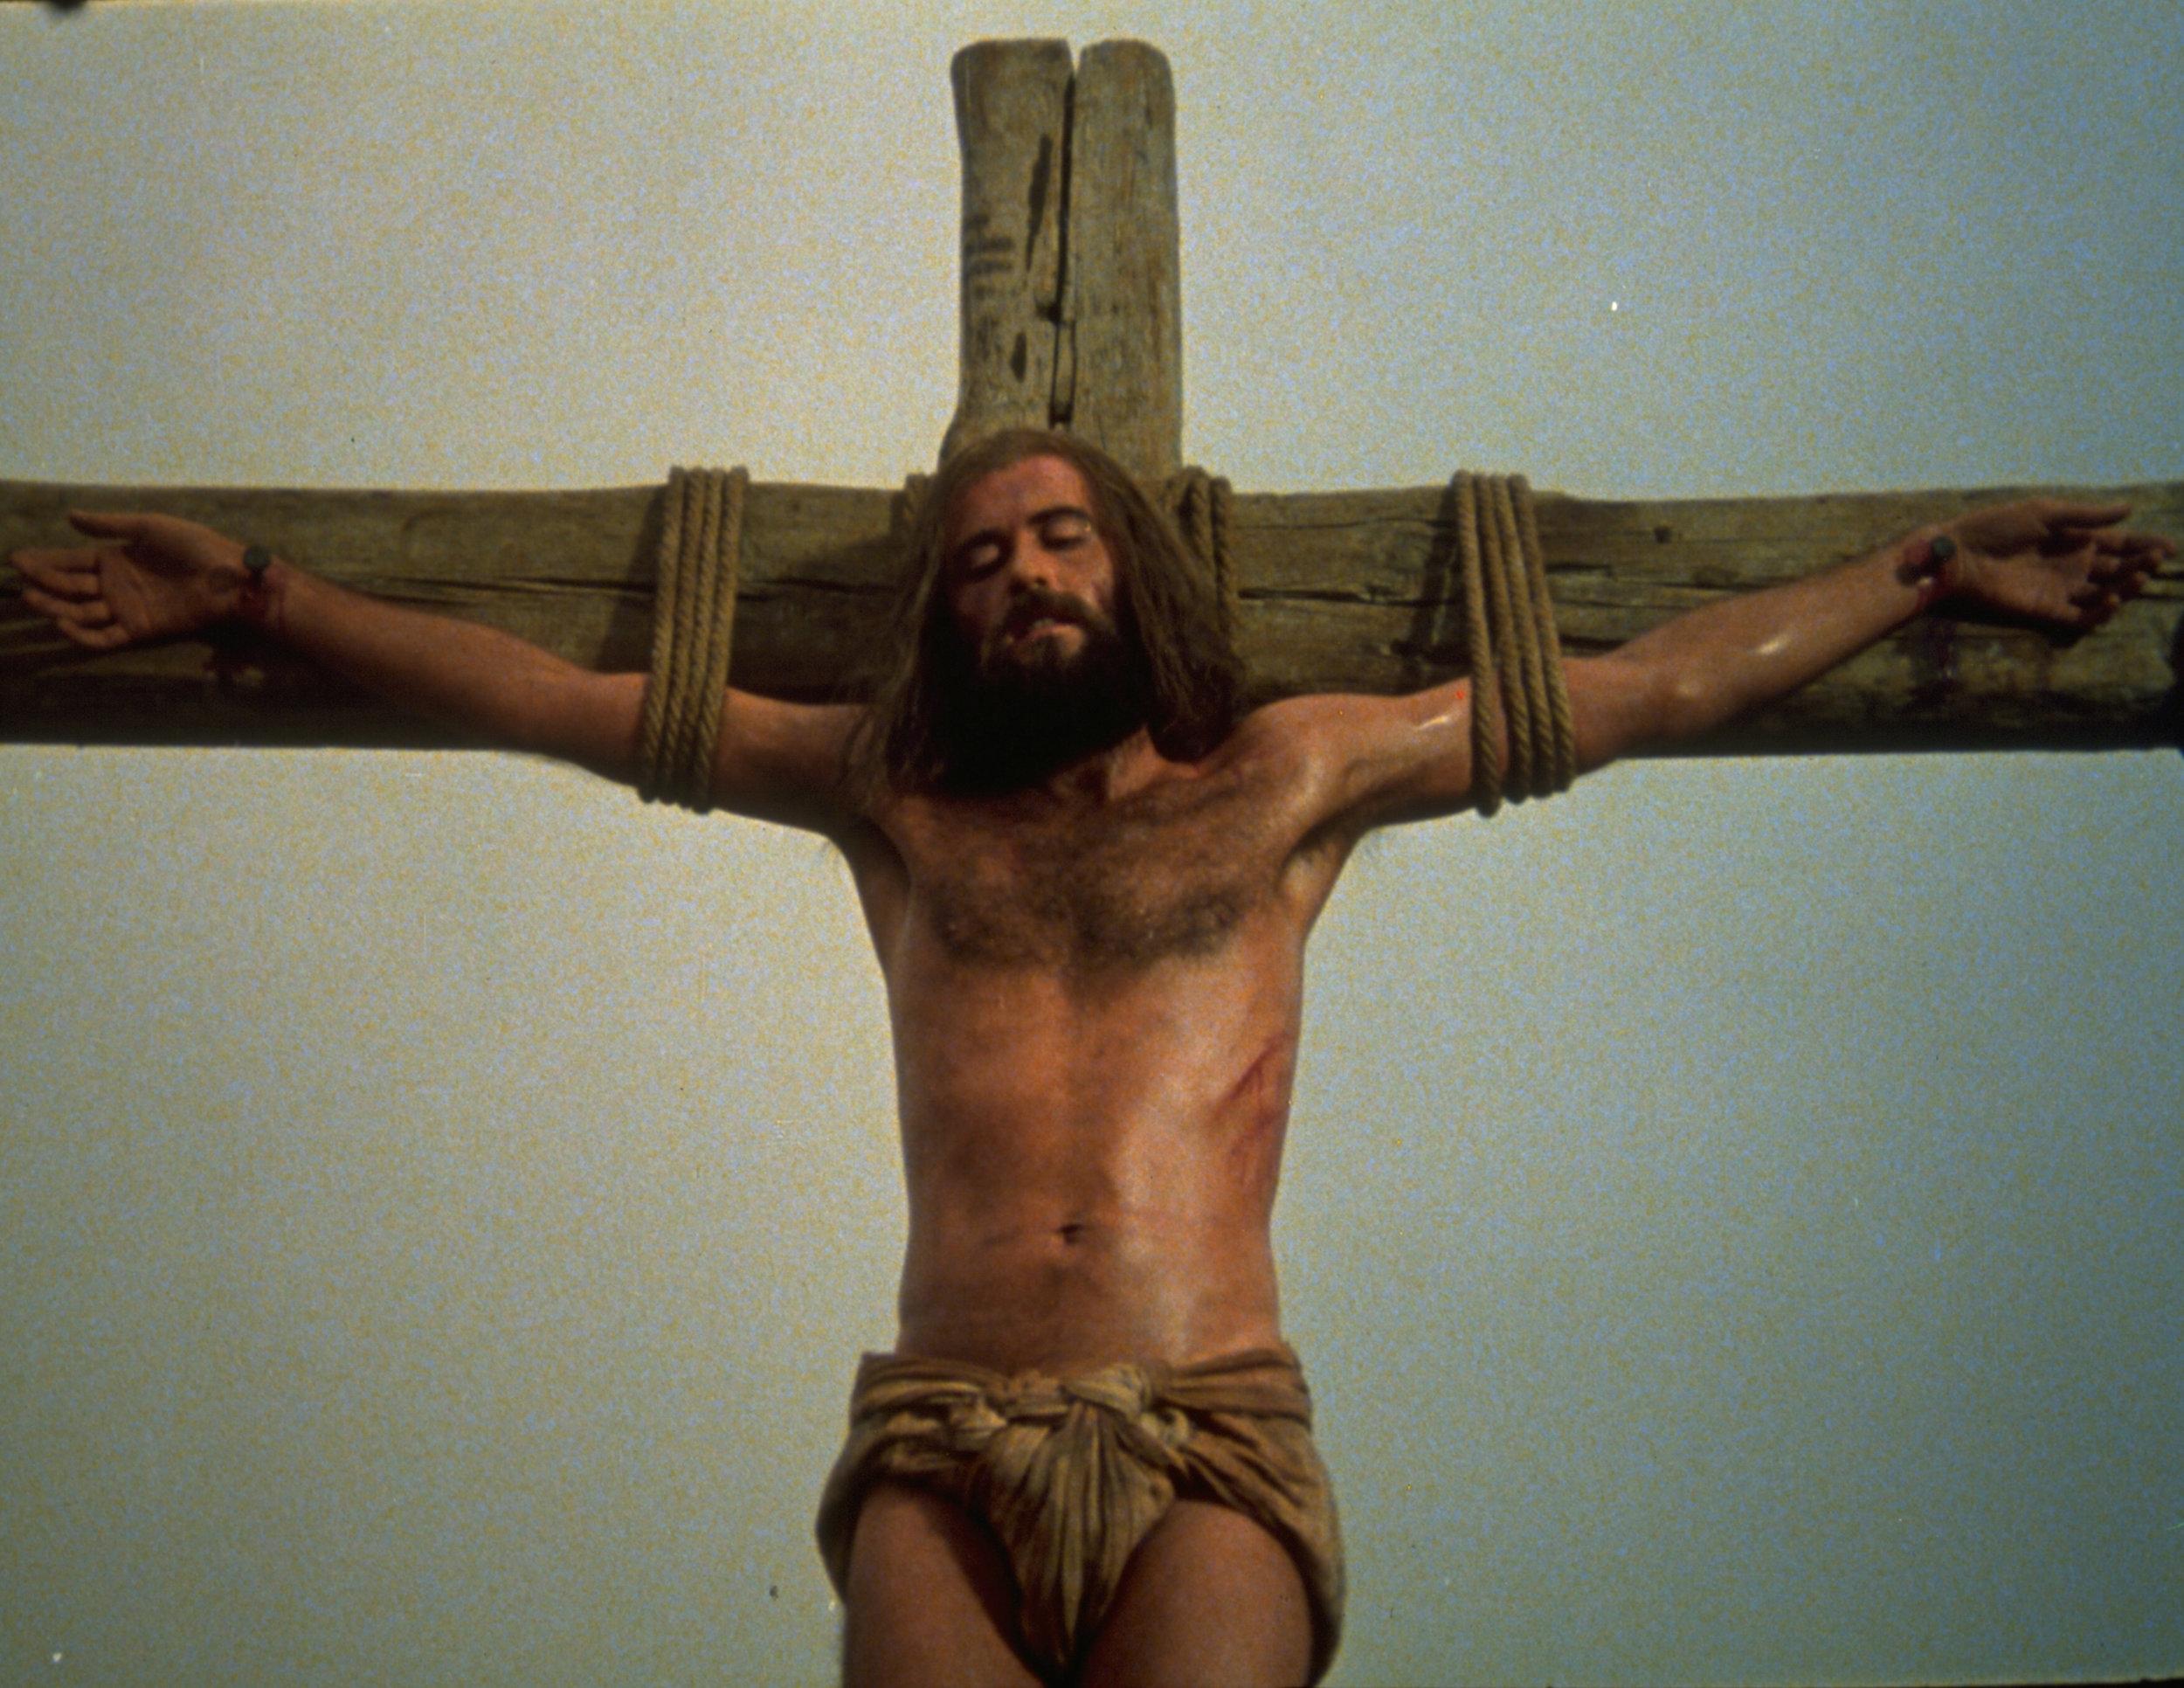 JESUS-Film-Pic-1crucifixion.jpg